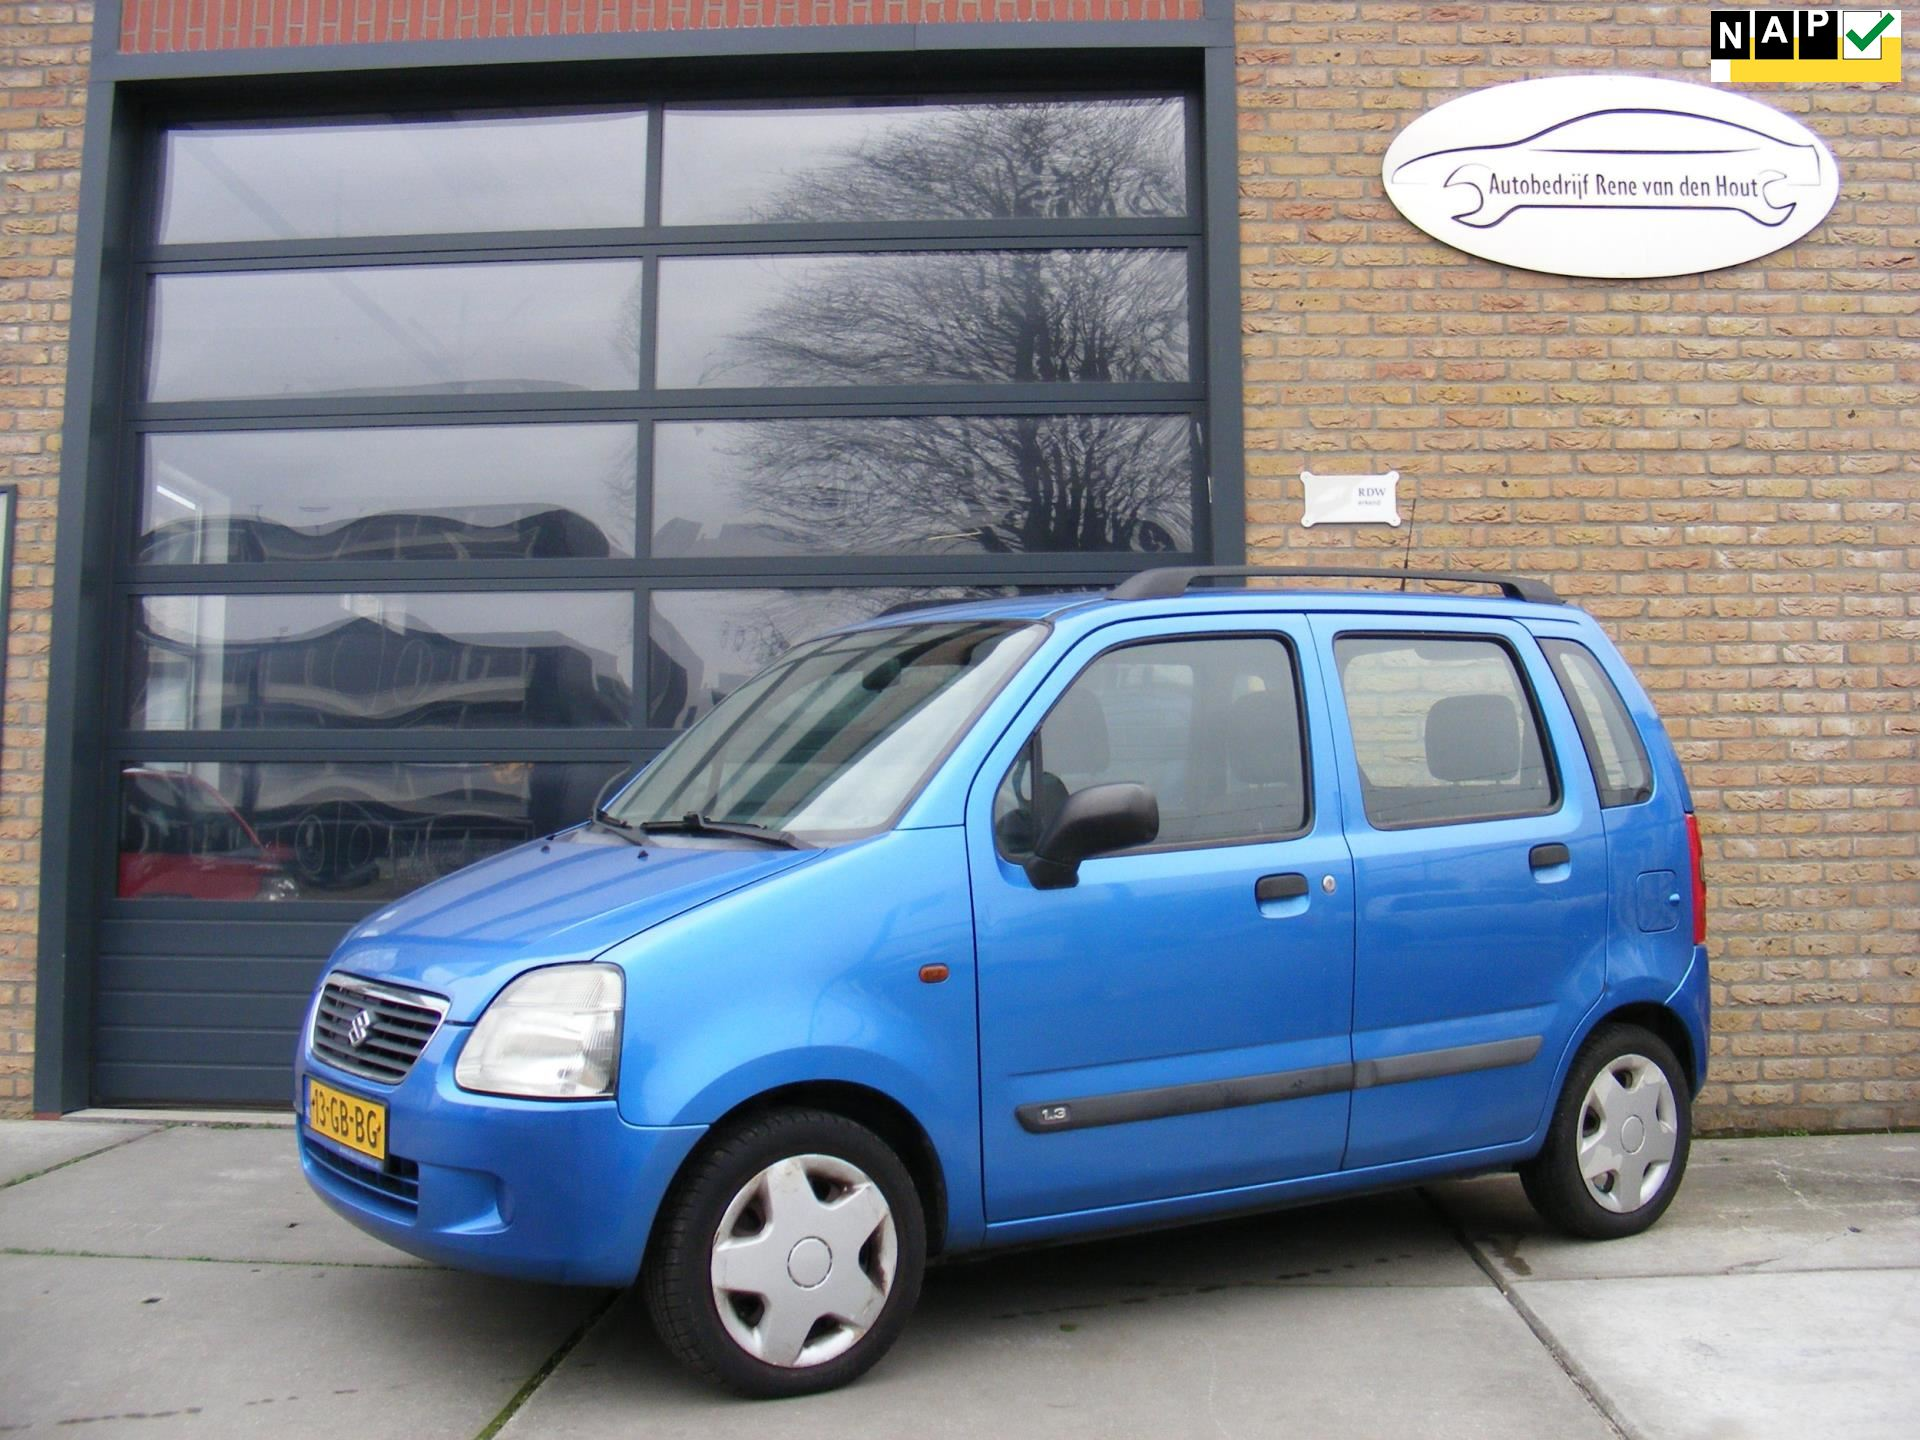 Suzuki Wagon R occasion - Autobedrijf Rene van den Hout